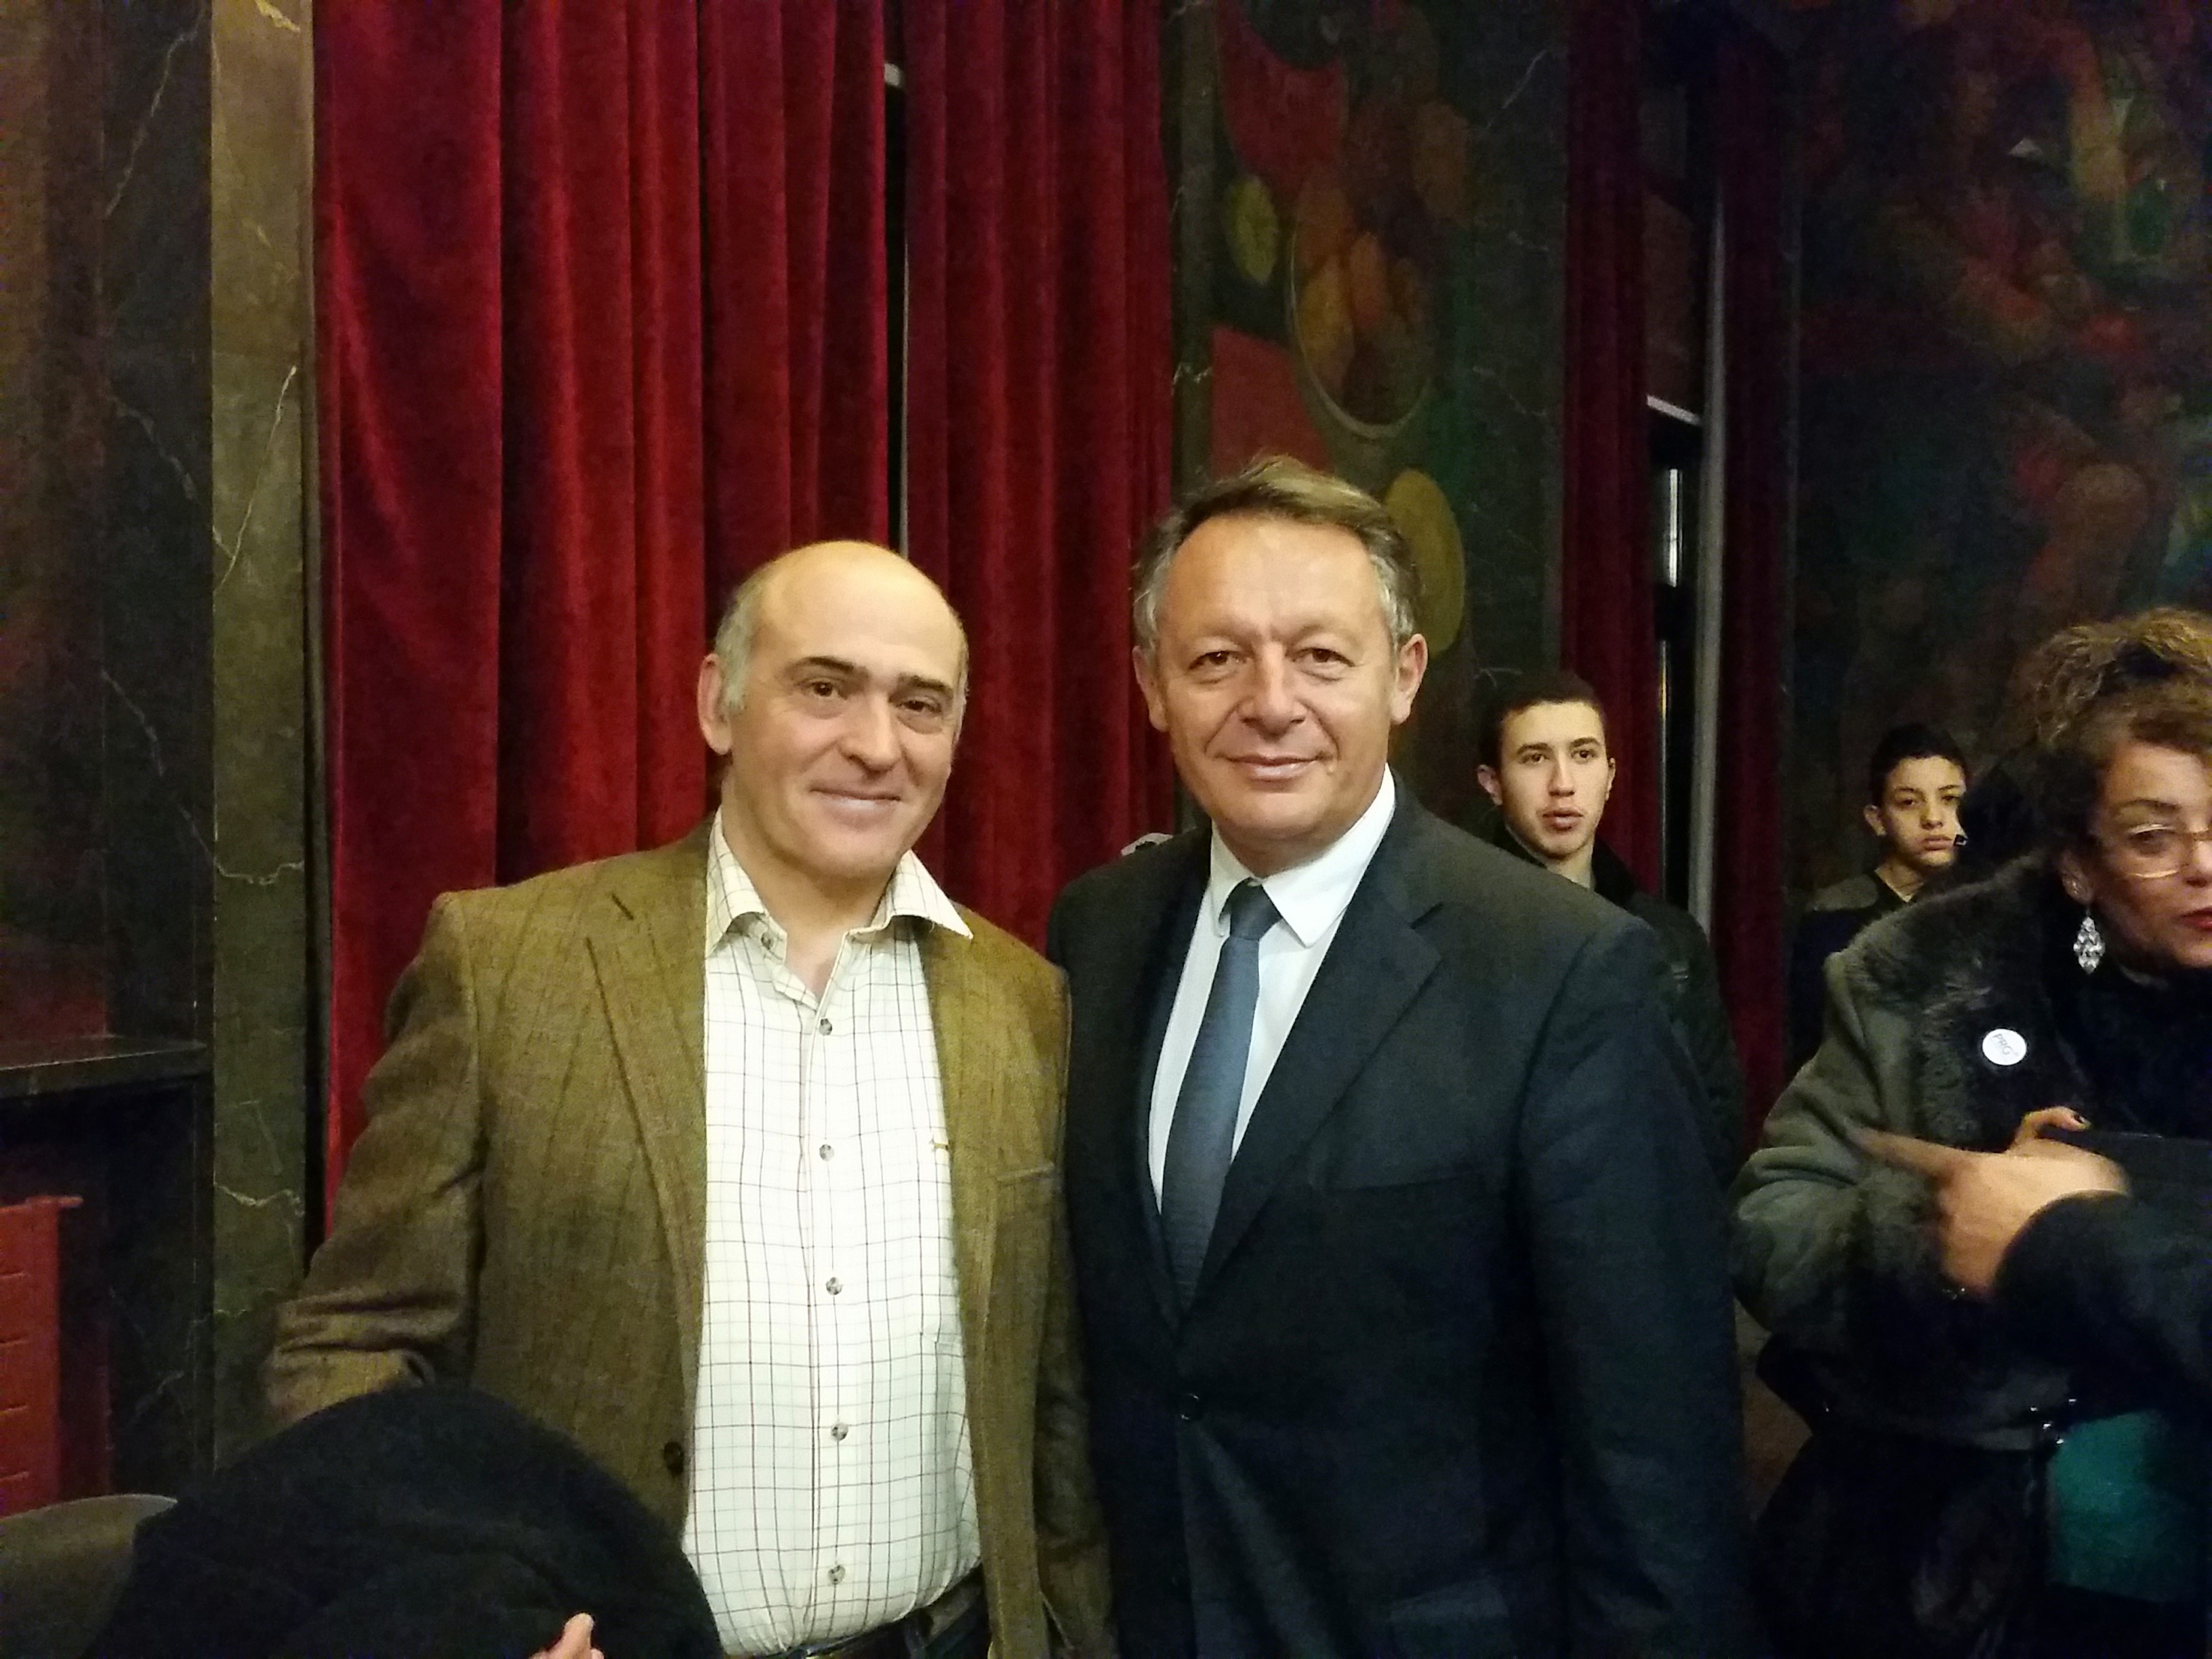 Rencontre avec le secrétaire d'état aux sports Thierry Braillard